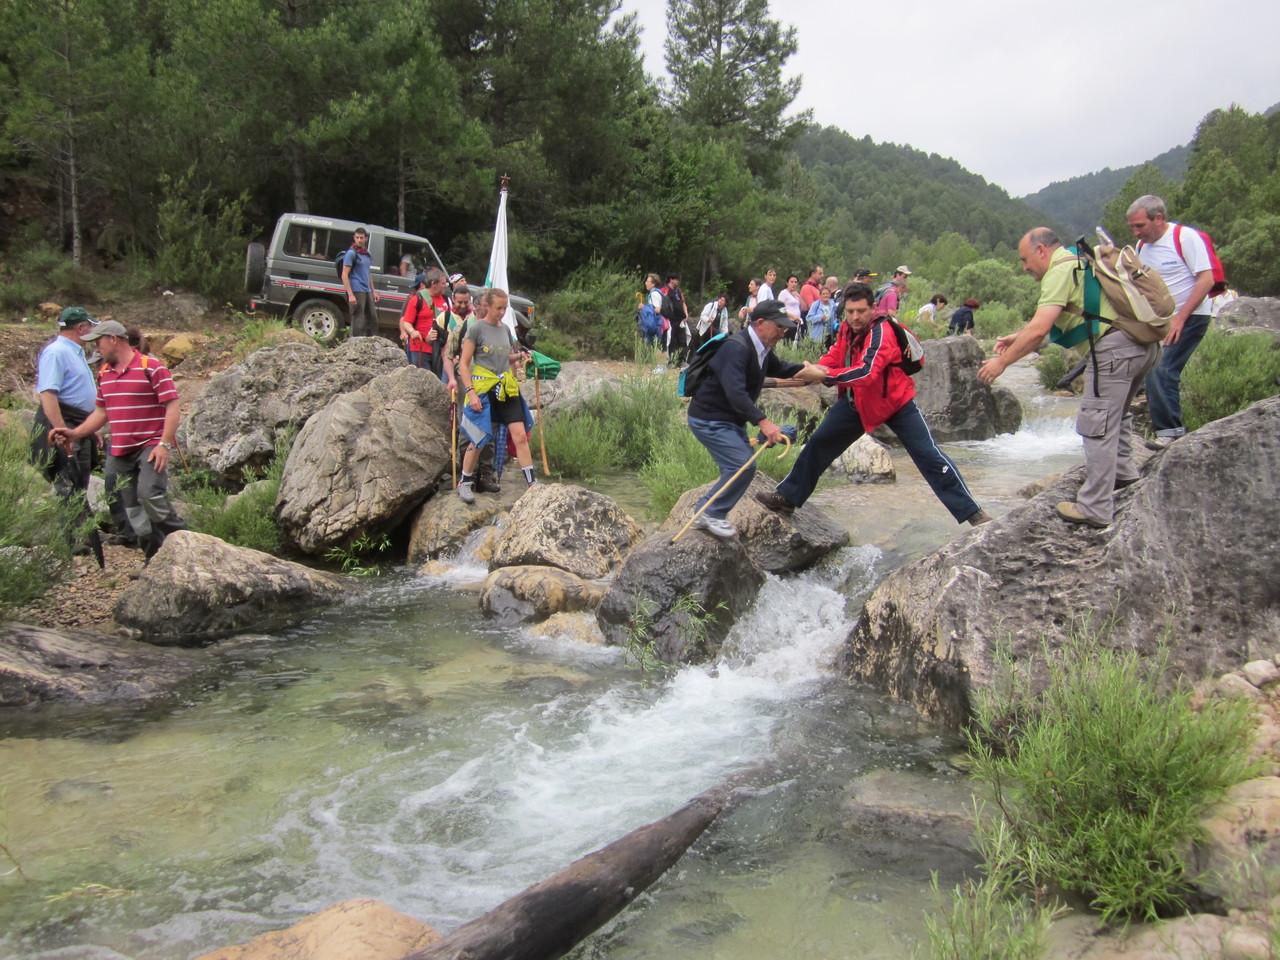 Cruzando el río (Año 2011)